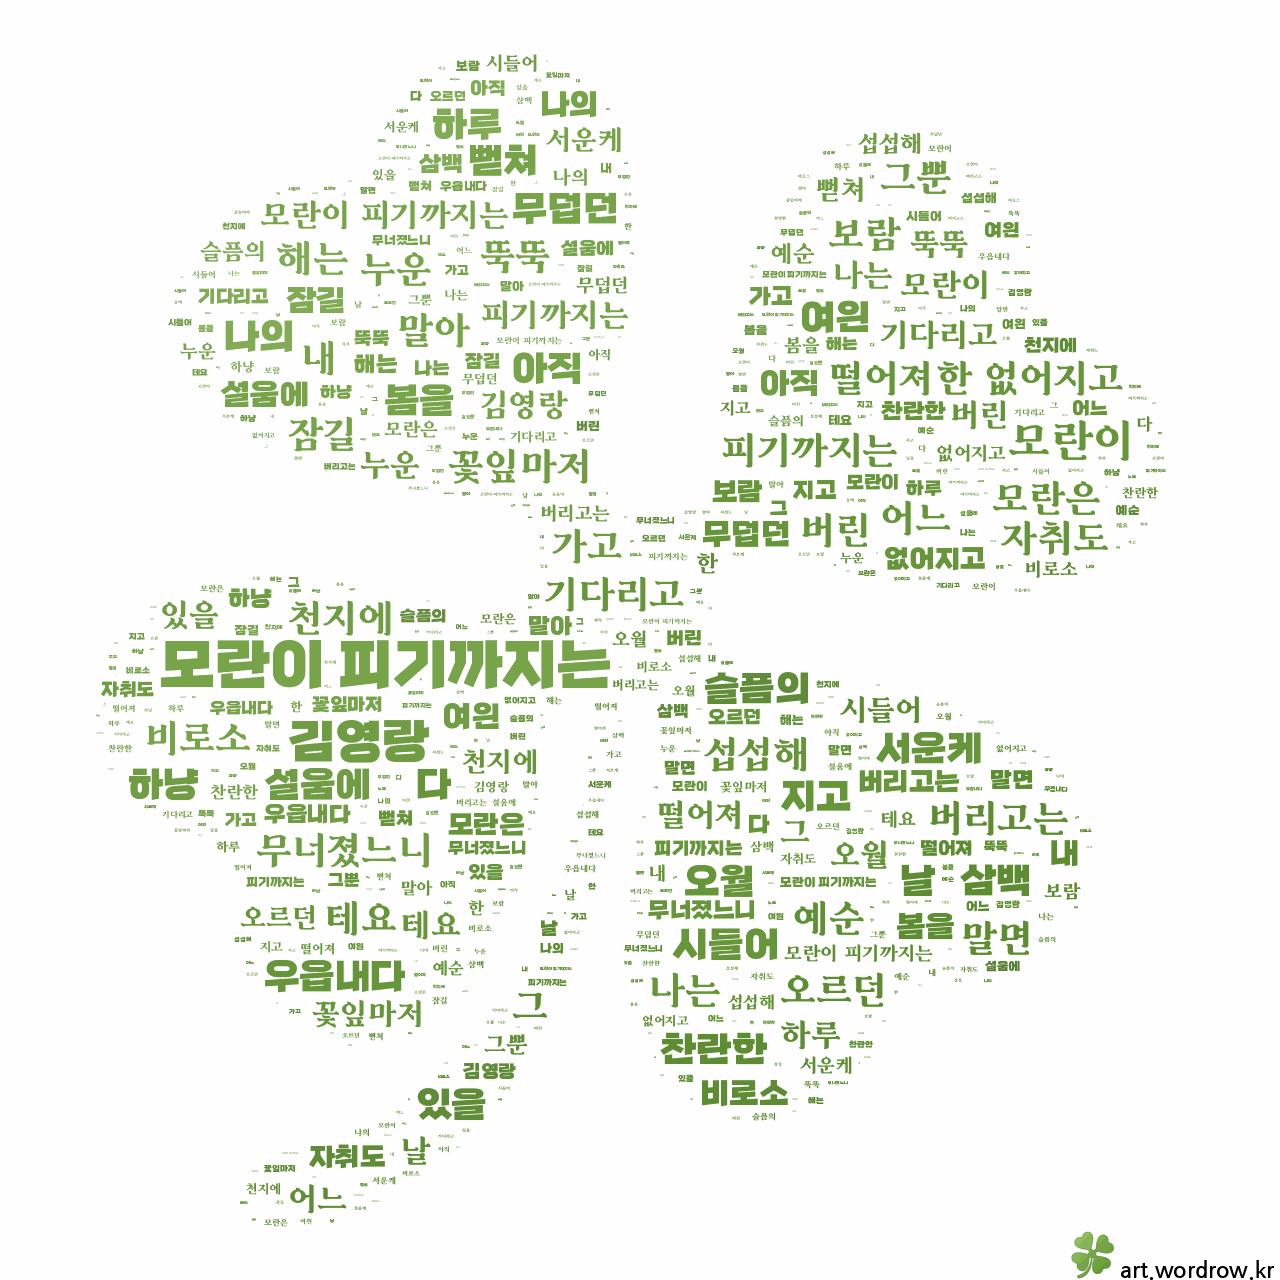 워드 클라우드: 모란이 피기까지는 [김영랑]-9